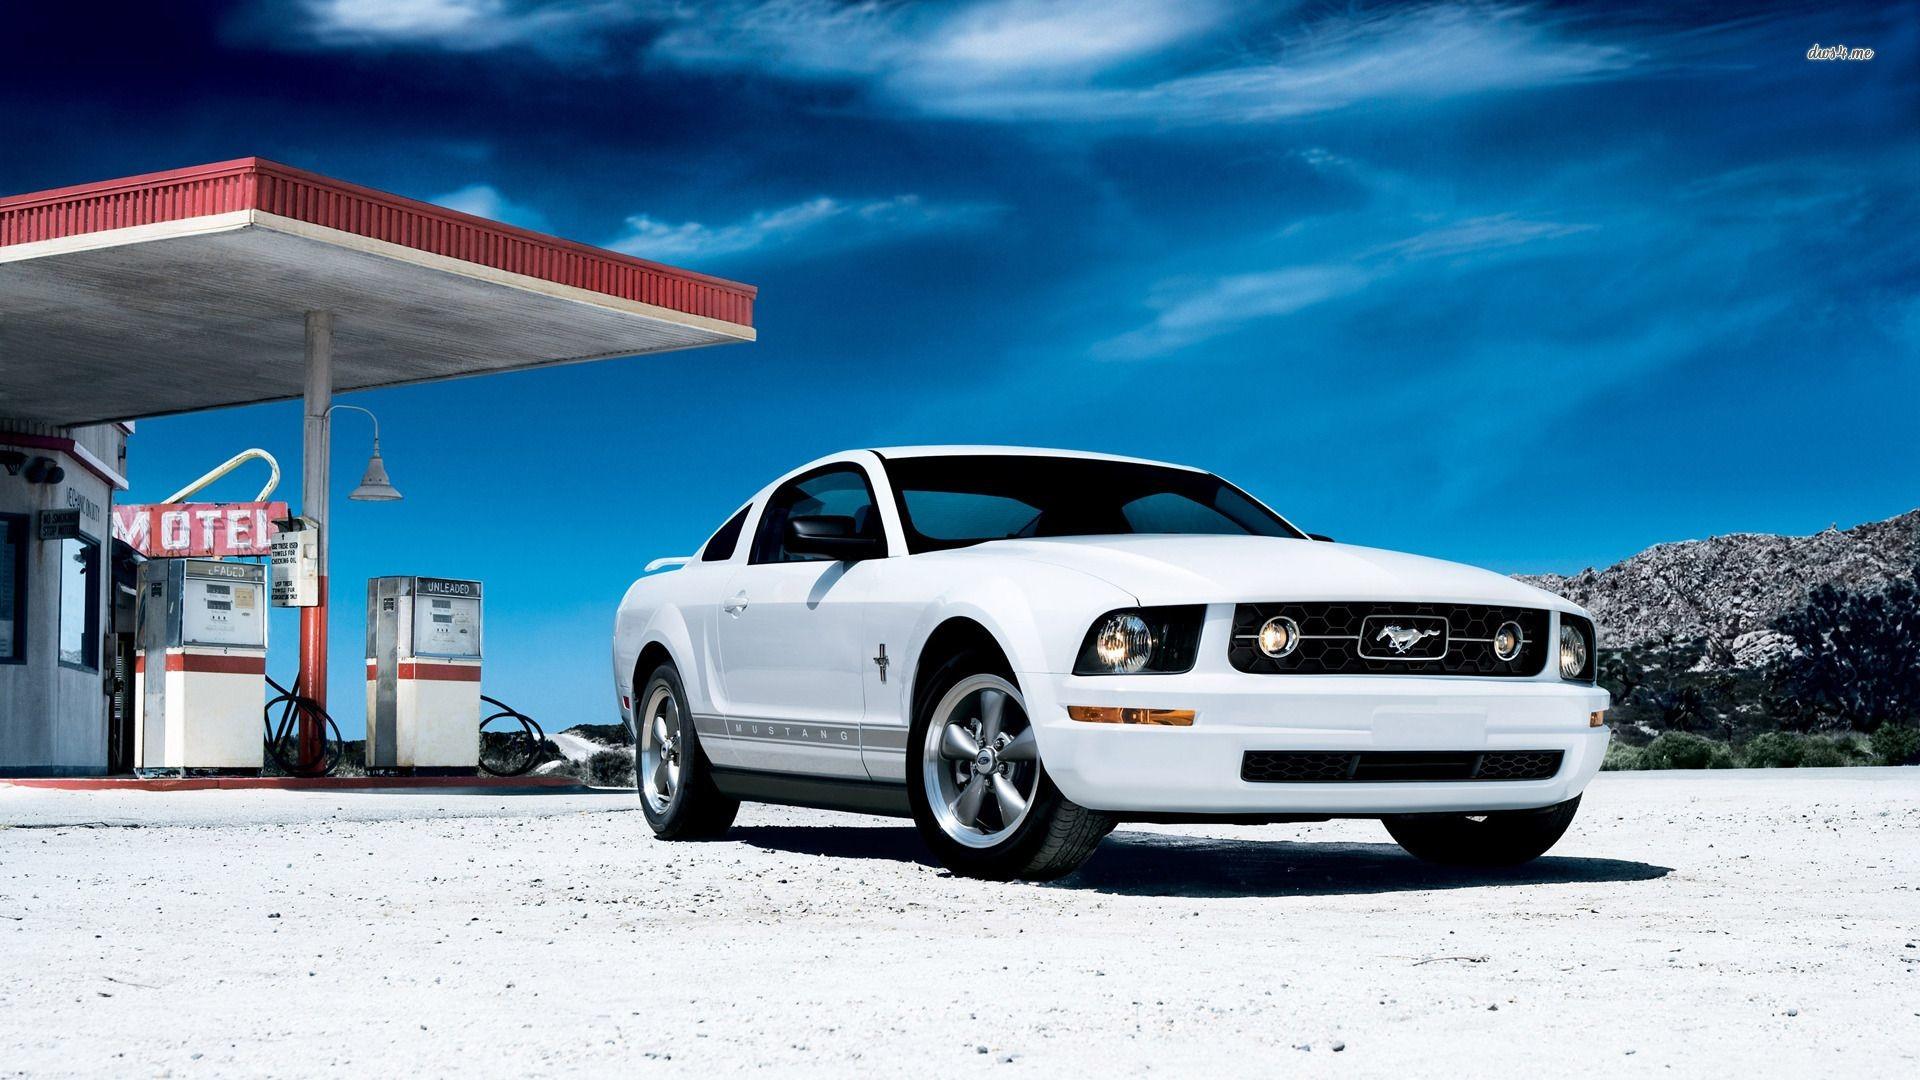 Car Mustang Wallpapers As Wallpaper HD